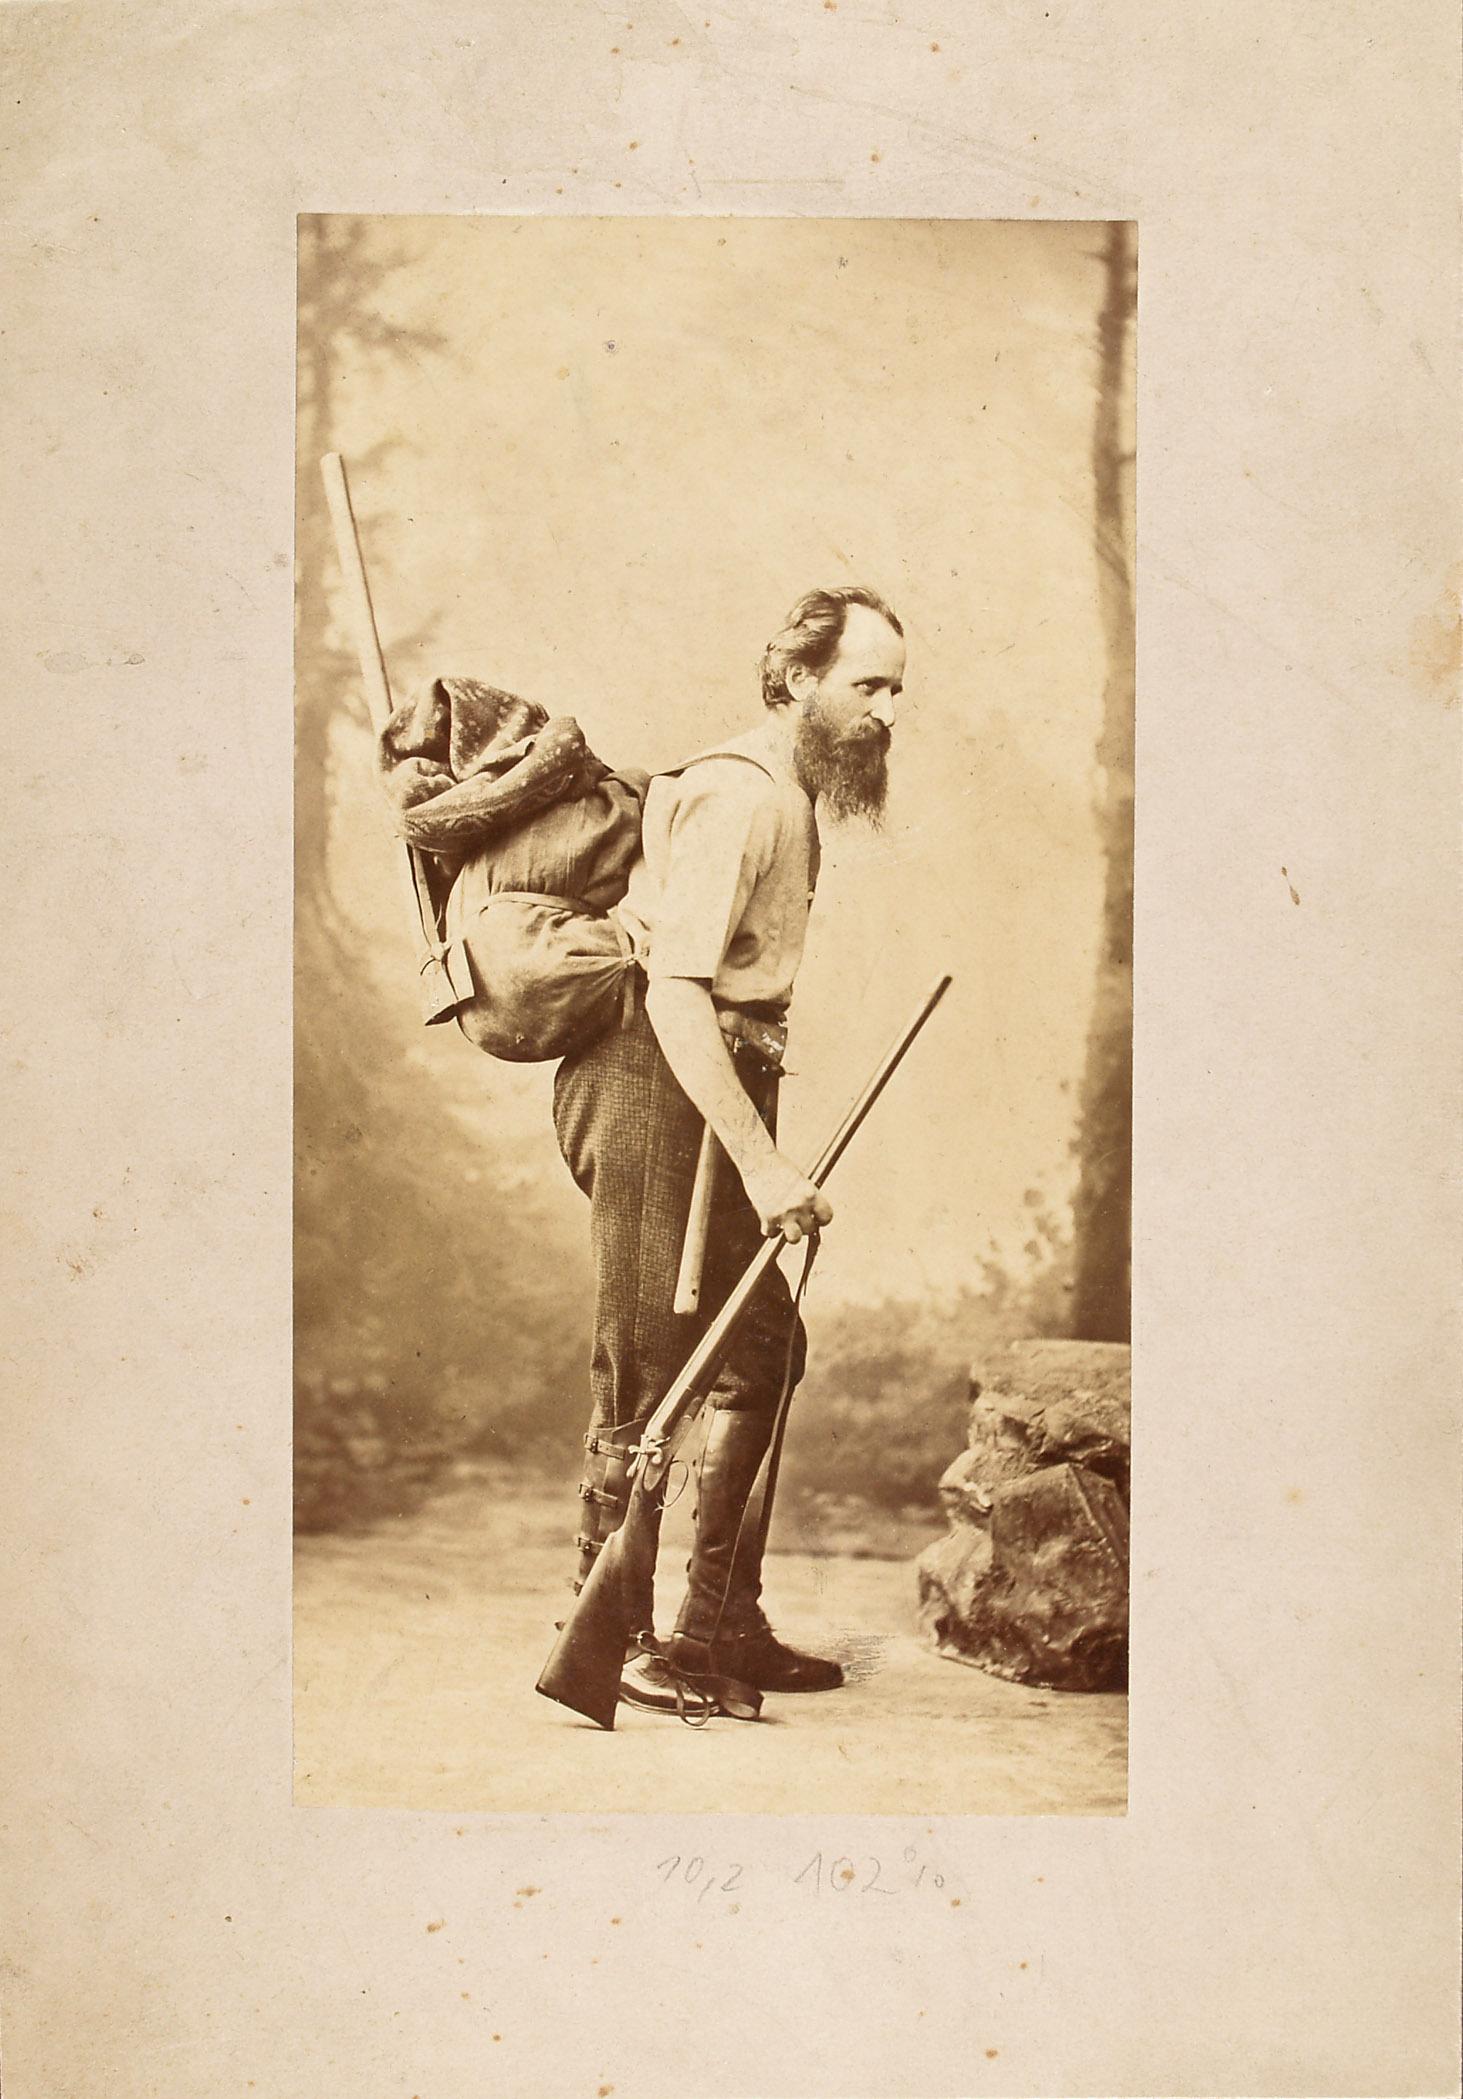 Andreas Reischek mit seiner Expeditionsausrüstung